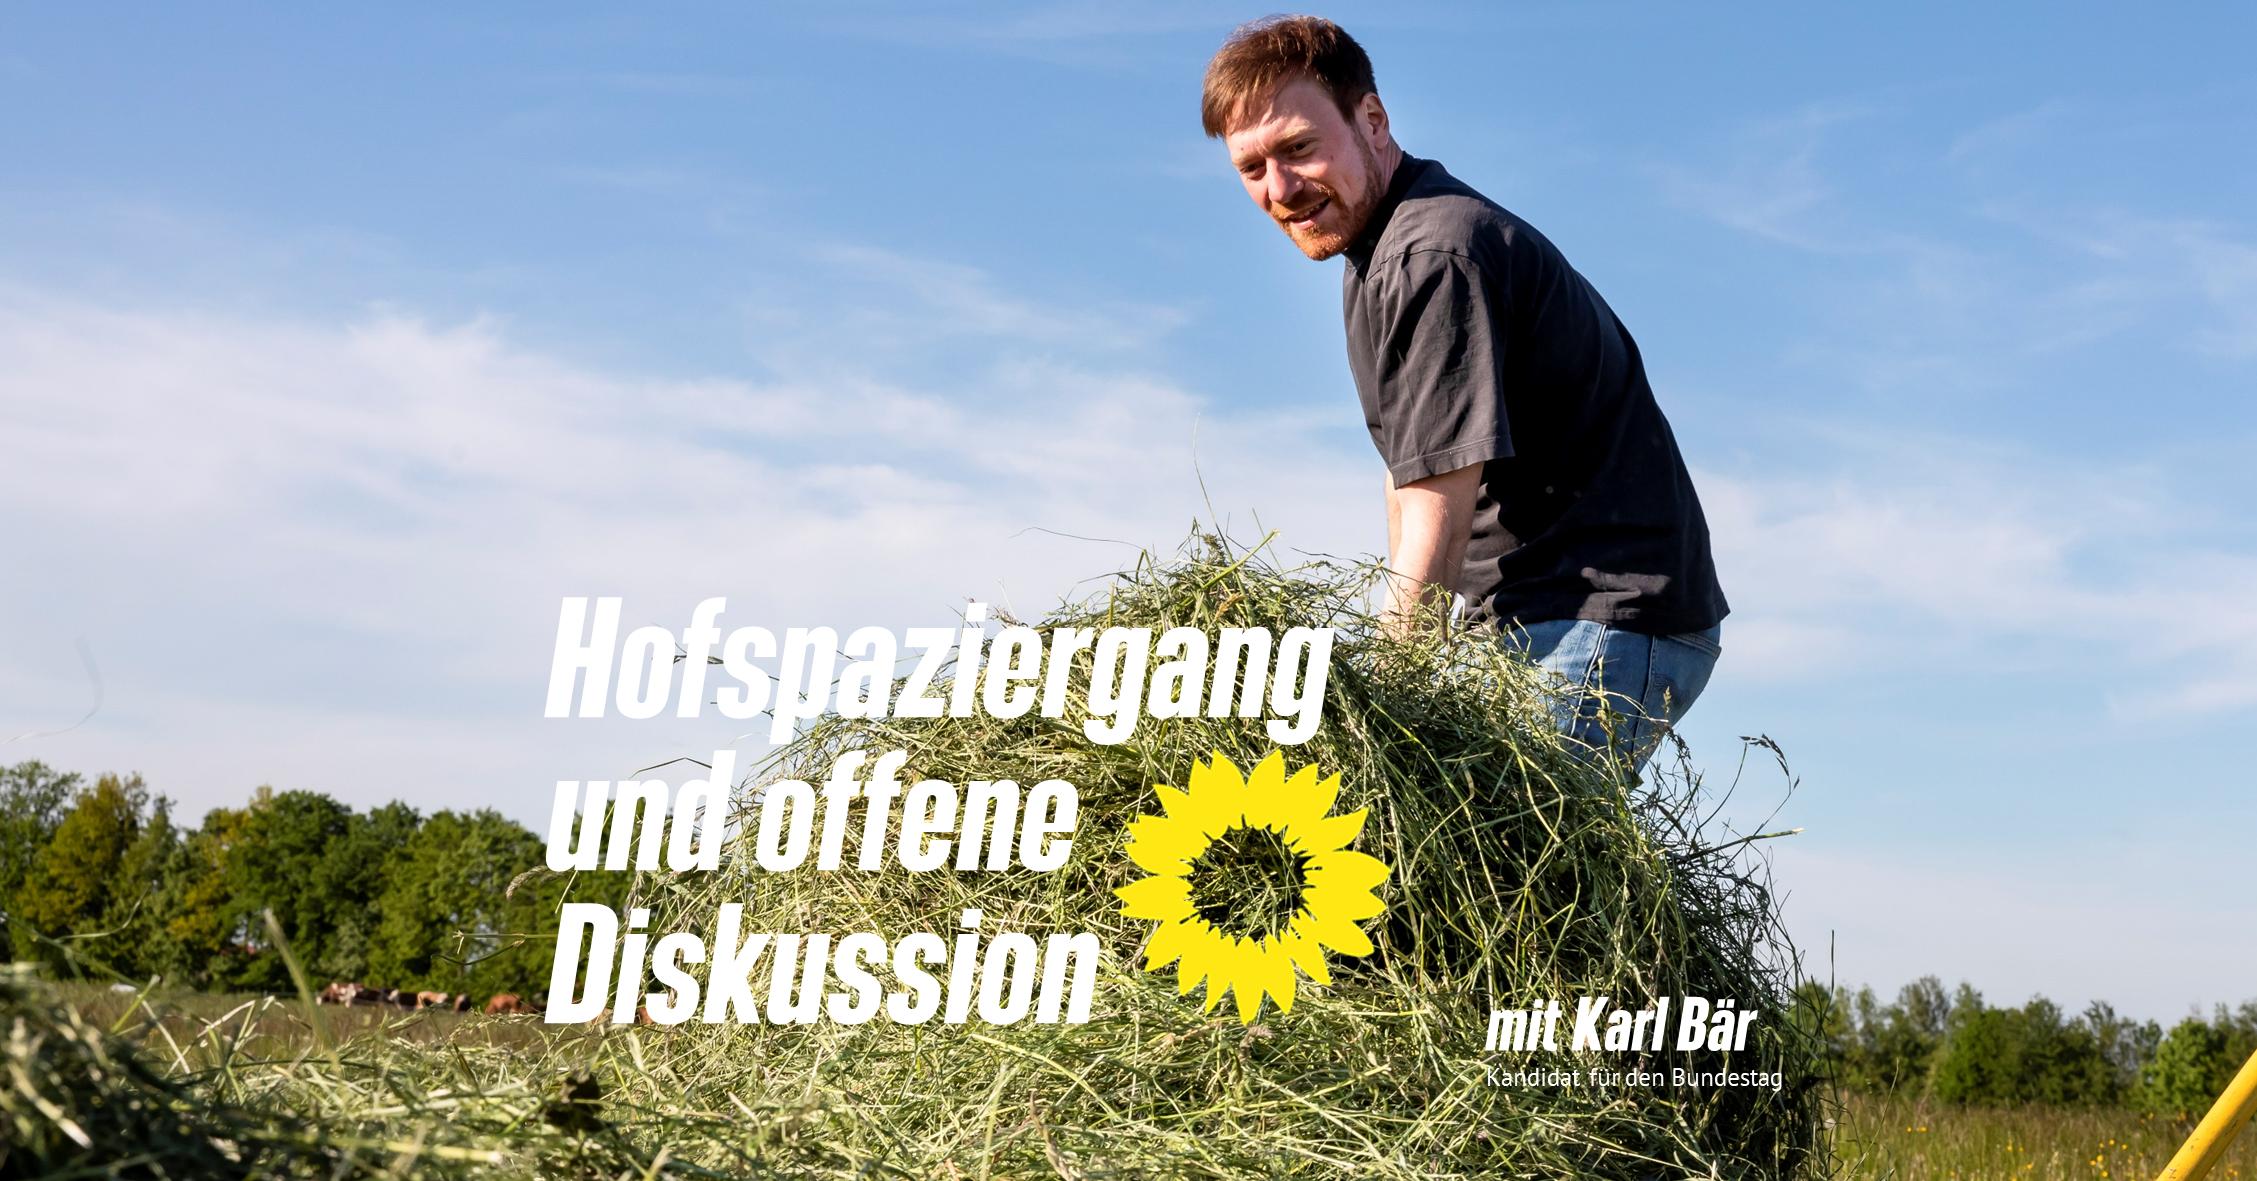 Hofspaziergang mit Bundestagskandidat Karl Bär